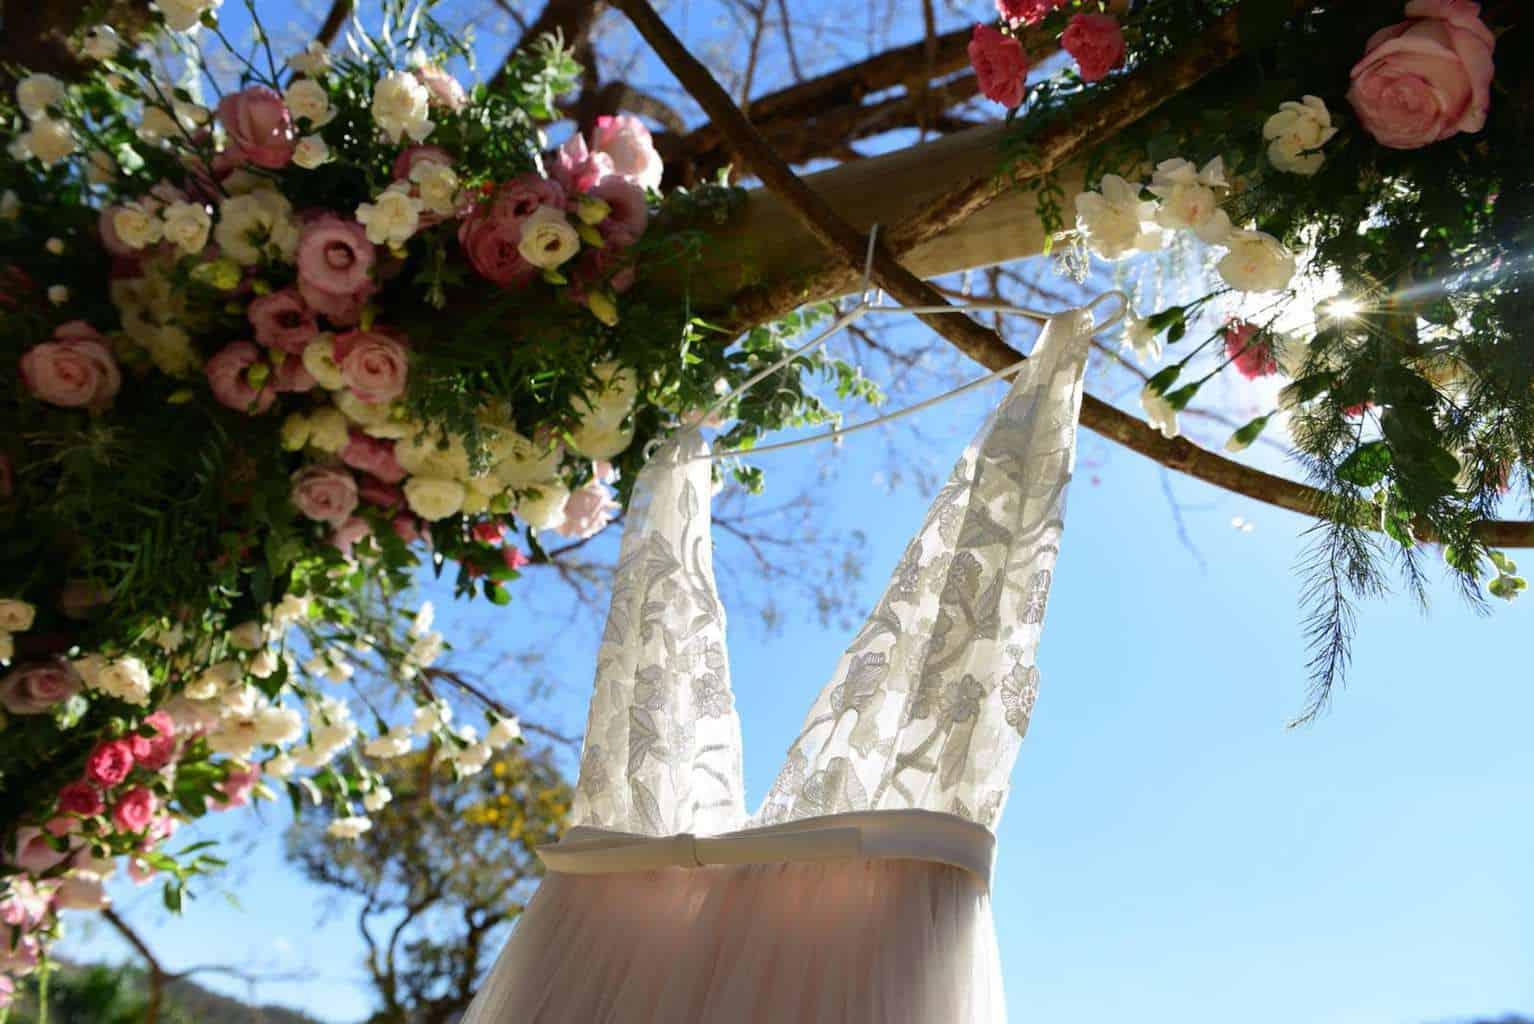 casamento-boho-Casamento-Nicolle-e-Pedro-casamento-rosa-Estalagem-Alter-Real-Fotografia-Estudio-Maria-Celia-Siqueira-Fotografia-Rosana-Sales-Goiania-38